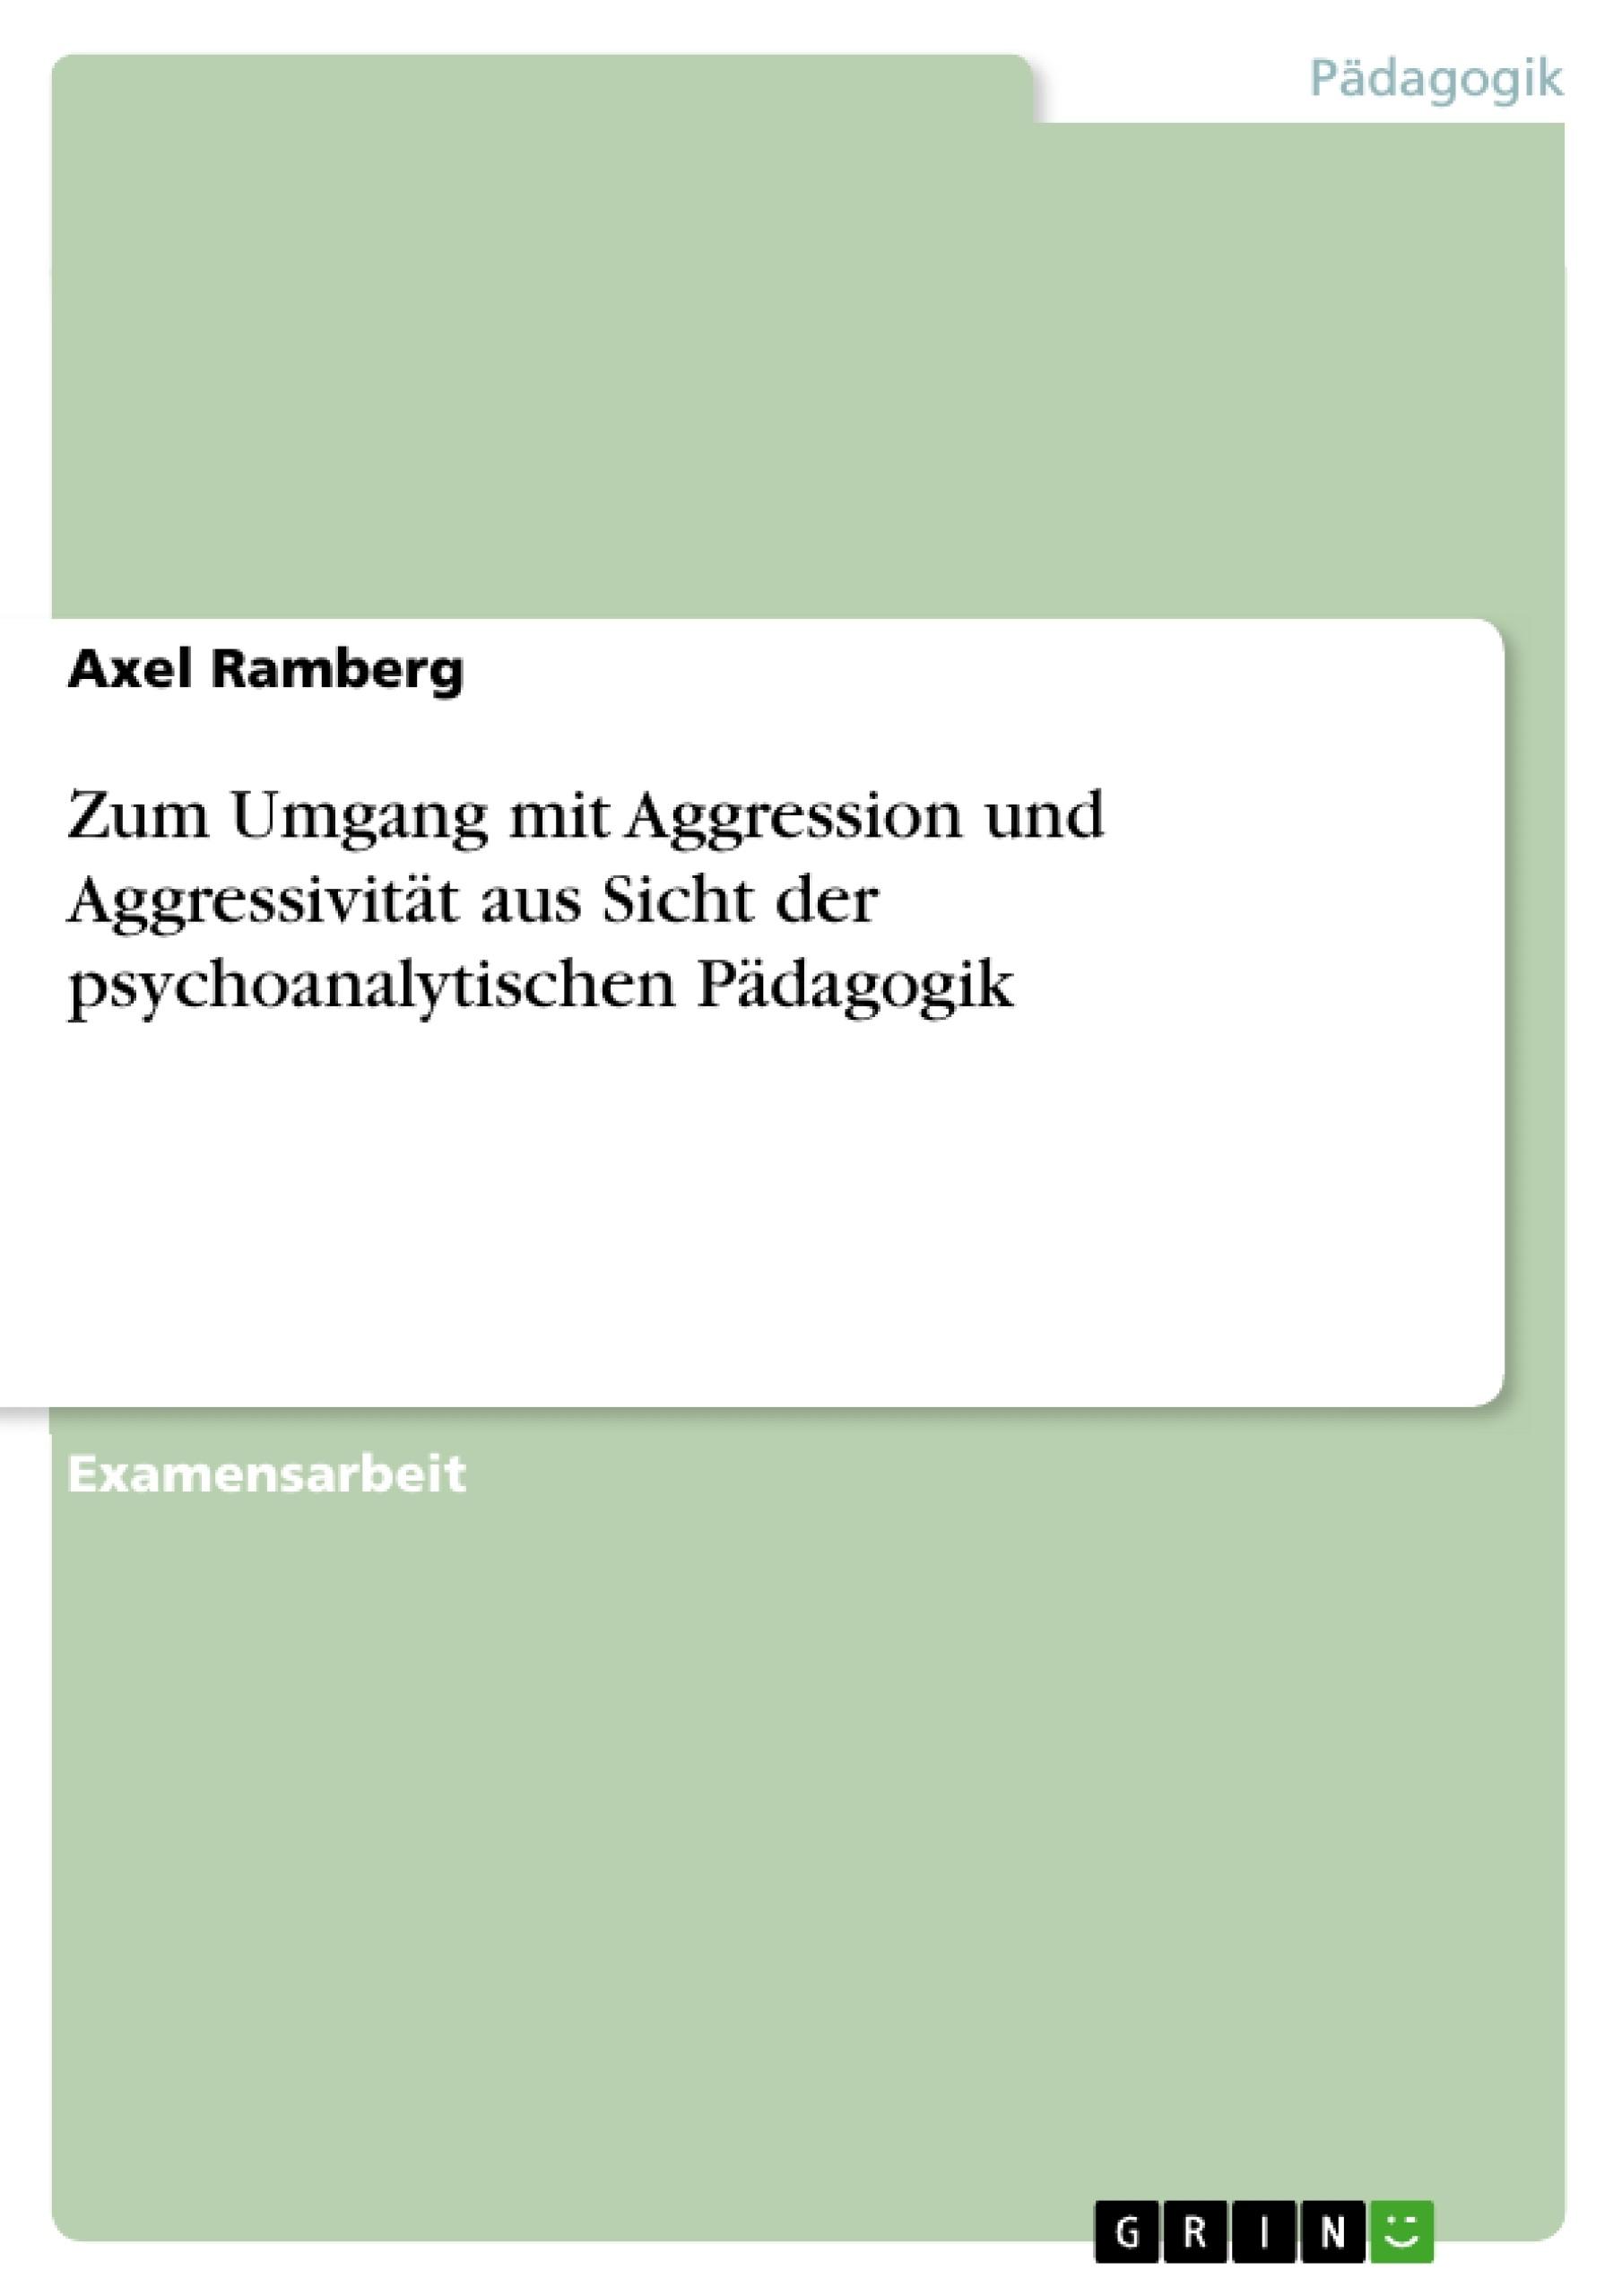 Titel: Zum Umgang mit Aggression und Aggressivität aus Sicht der psychoanalytischen Pädagogik